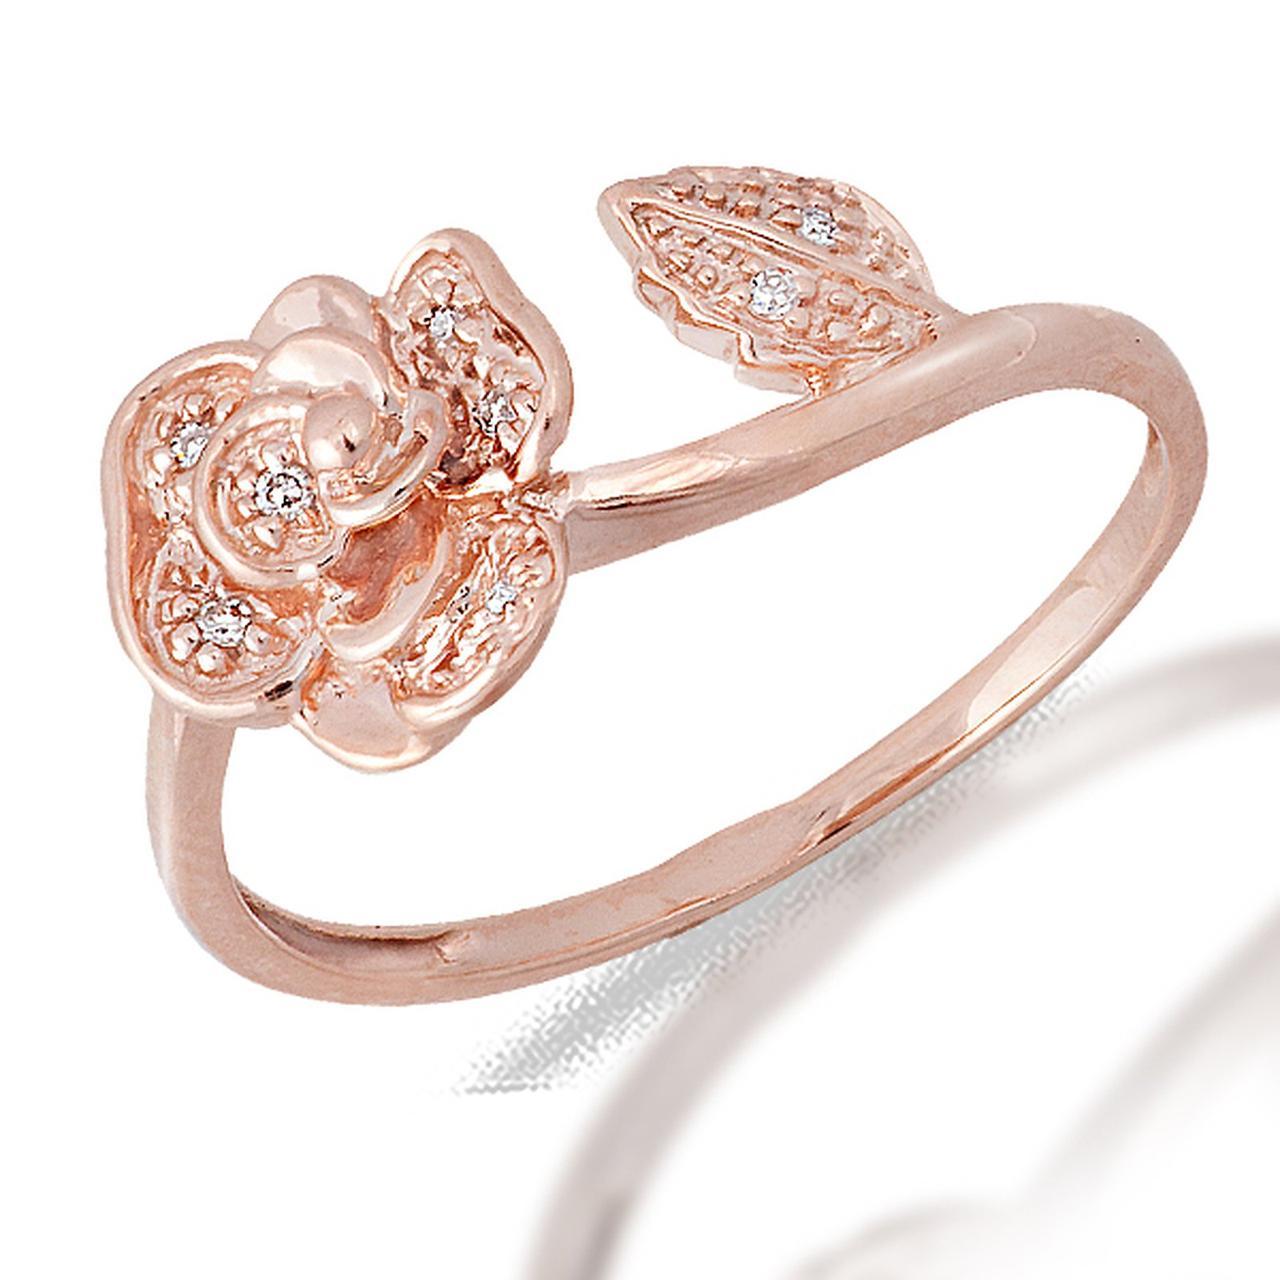 Золотое кольцо с бриллиантами, размер 15.5 (049644)